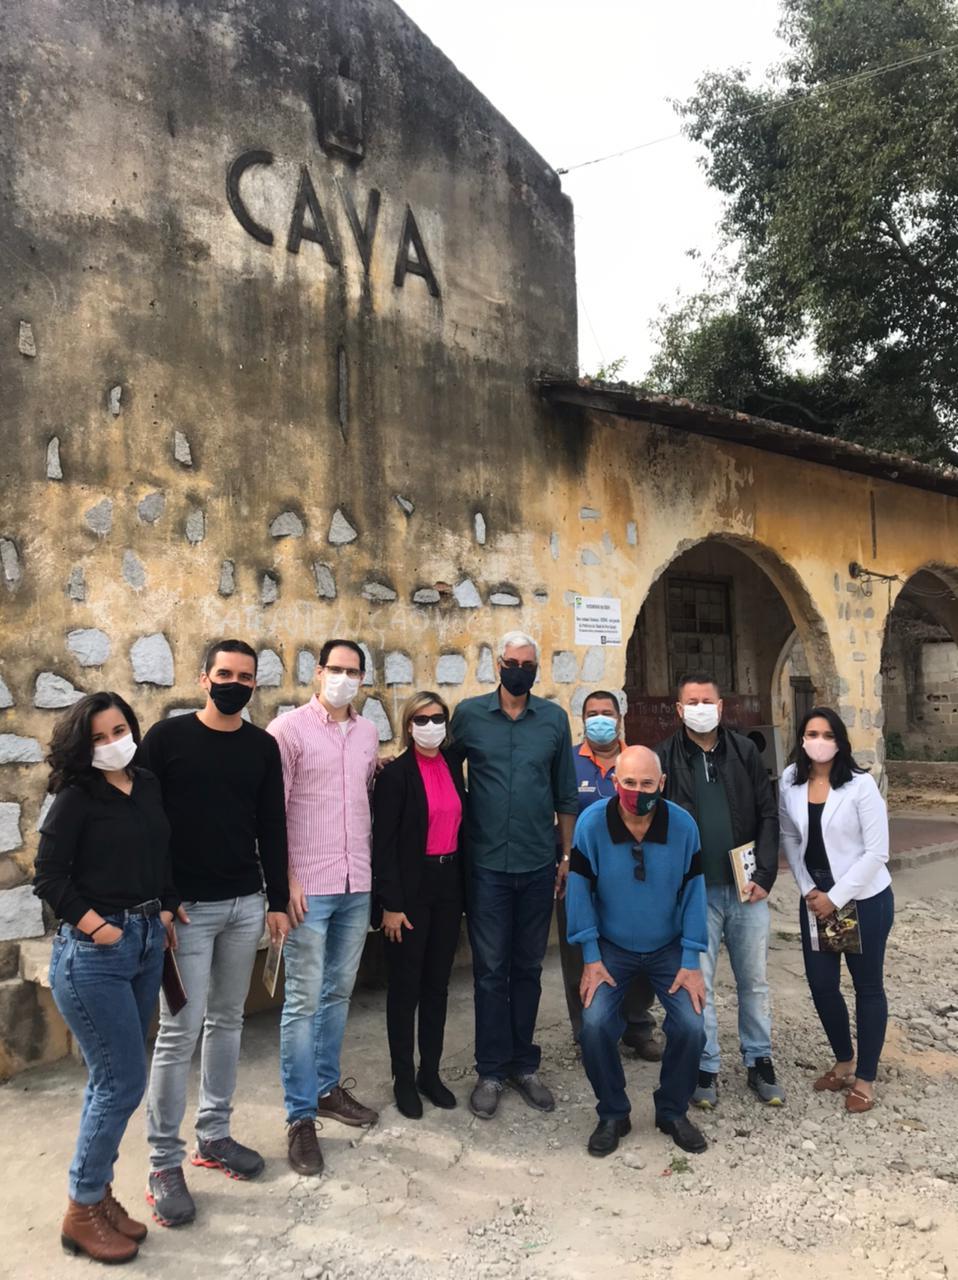 Antiga estação de Cava vai virar Centro Cultural em Nova Iguaçu